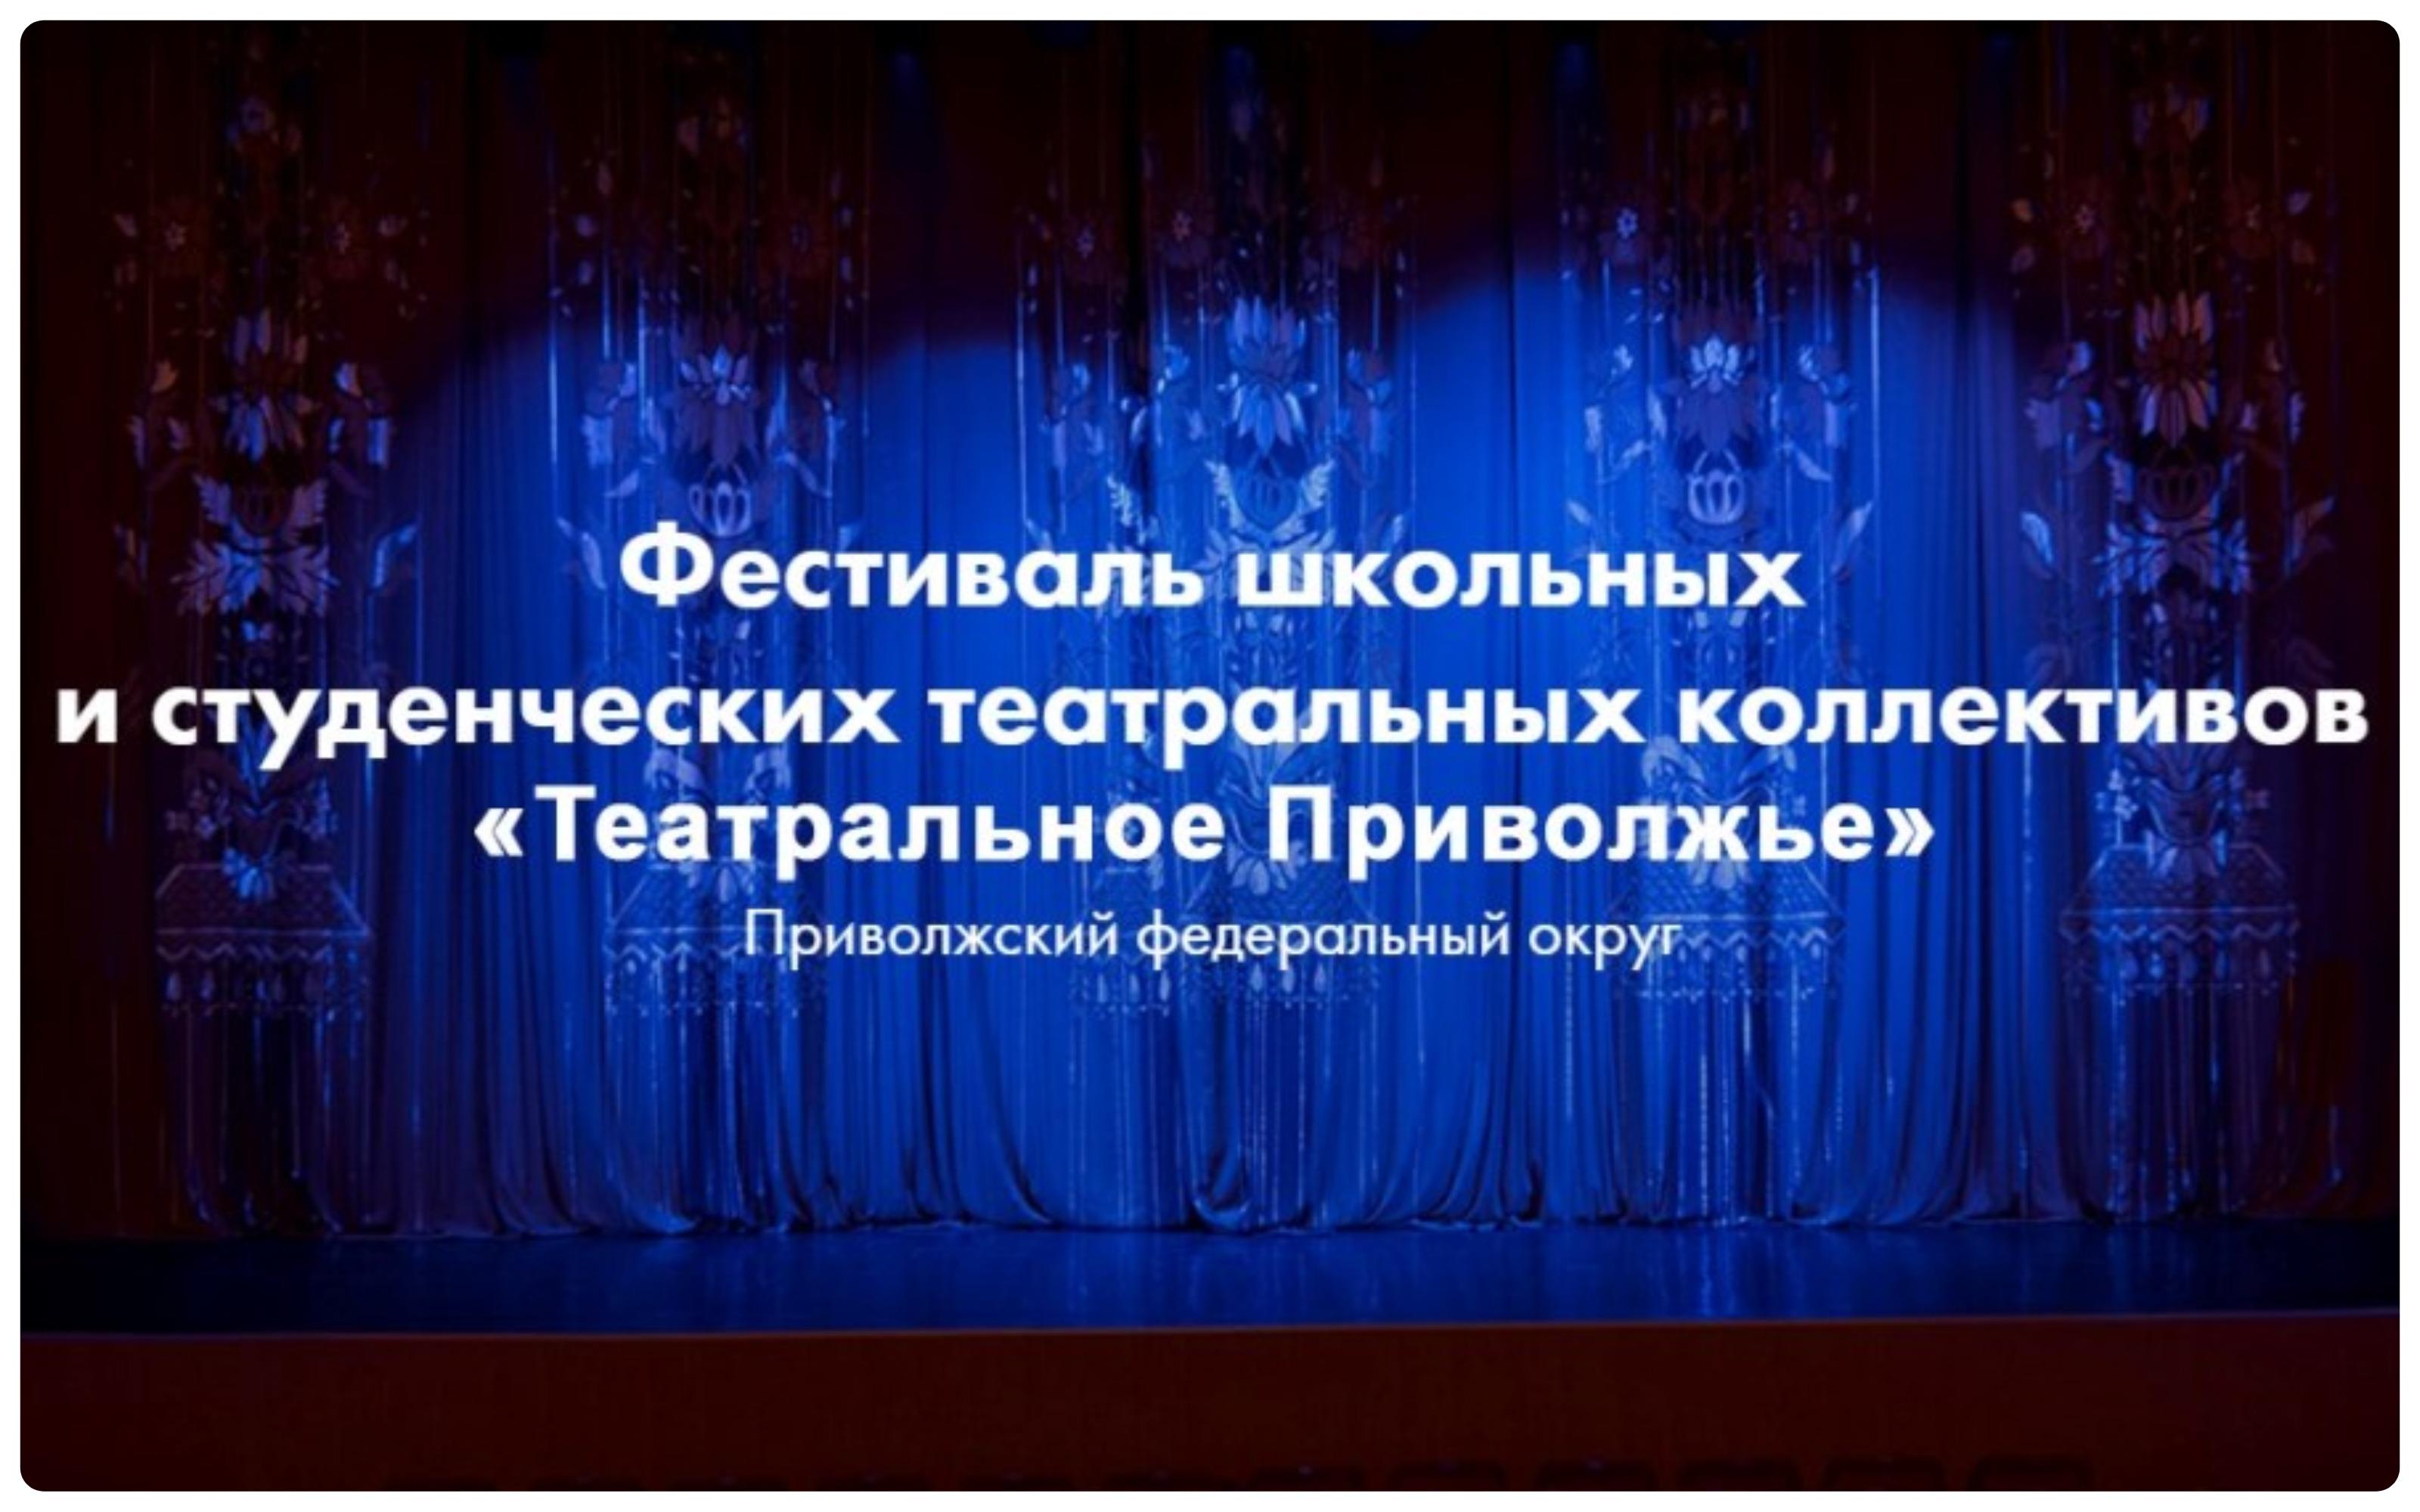 Фестиваль школьных и студенческих театральных коллективов